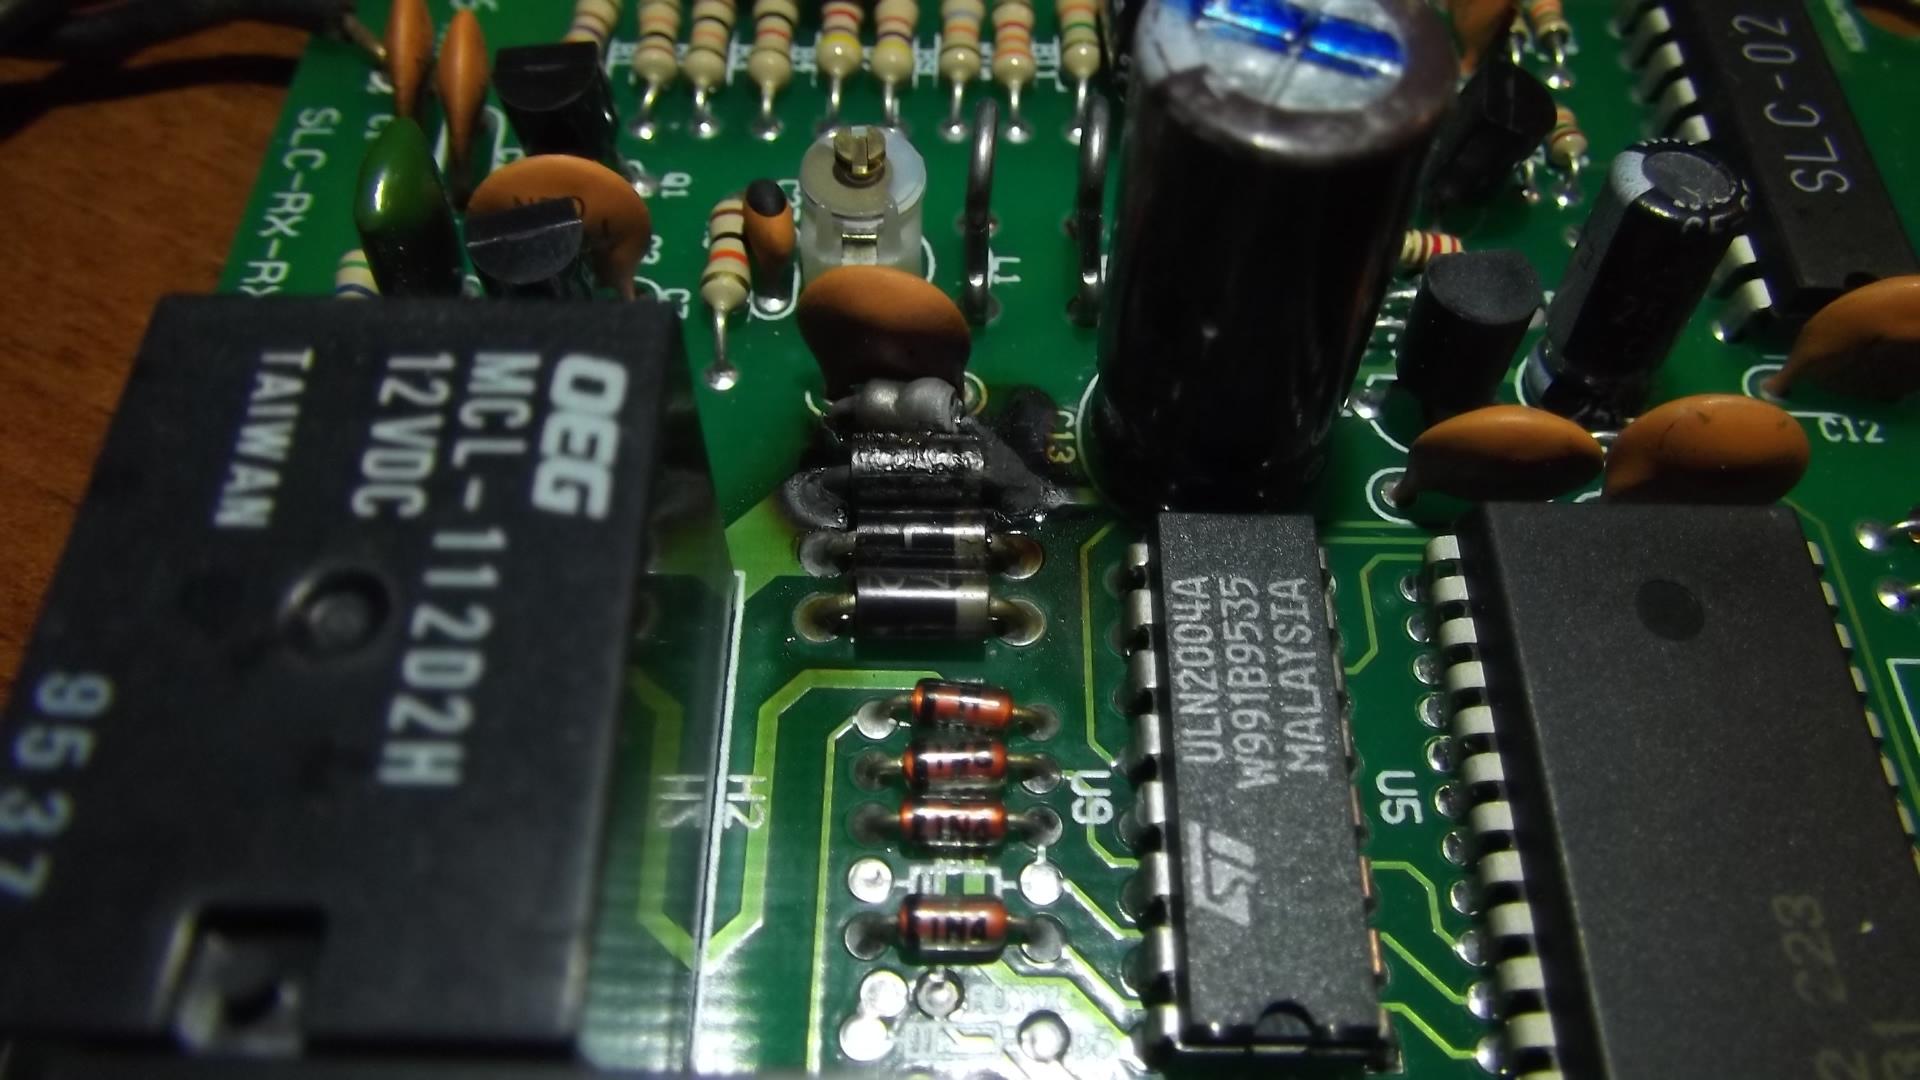 Silicon RX - Autoalarm - upalone elementy - czy dobrze identyfikuj�?